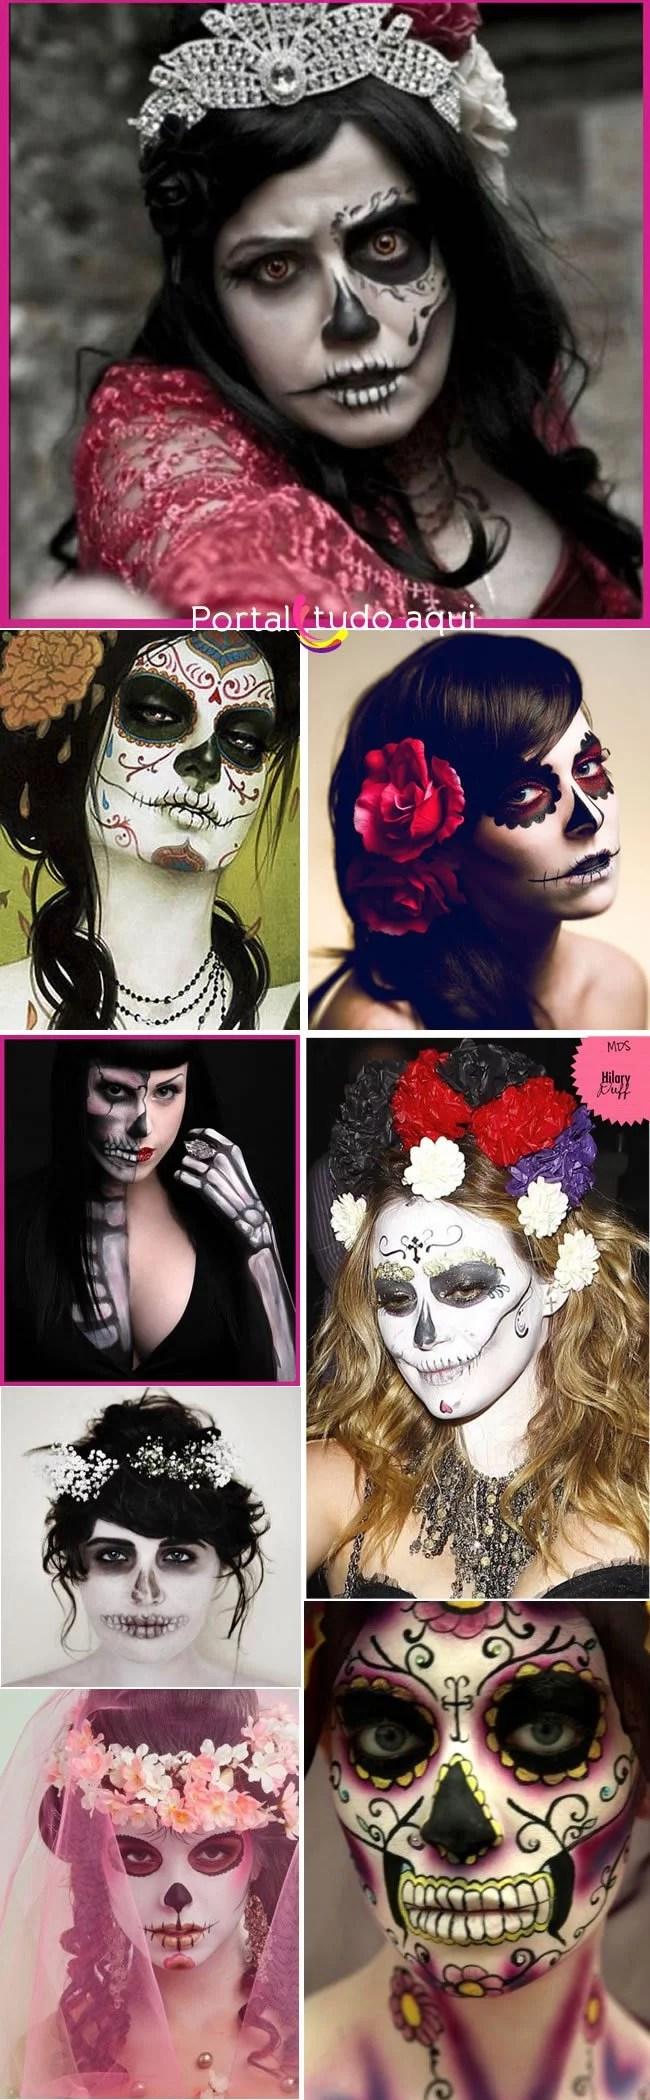 maquiagem-helloween-dia-das-bruxas-mont2